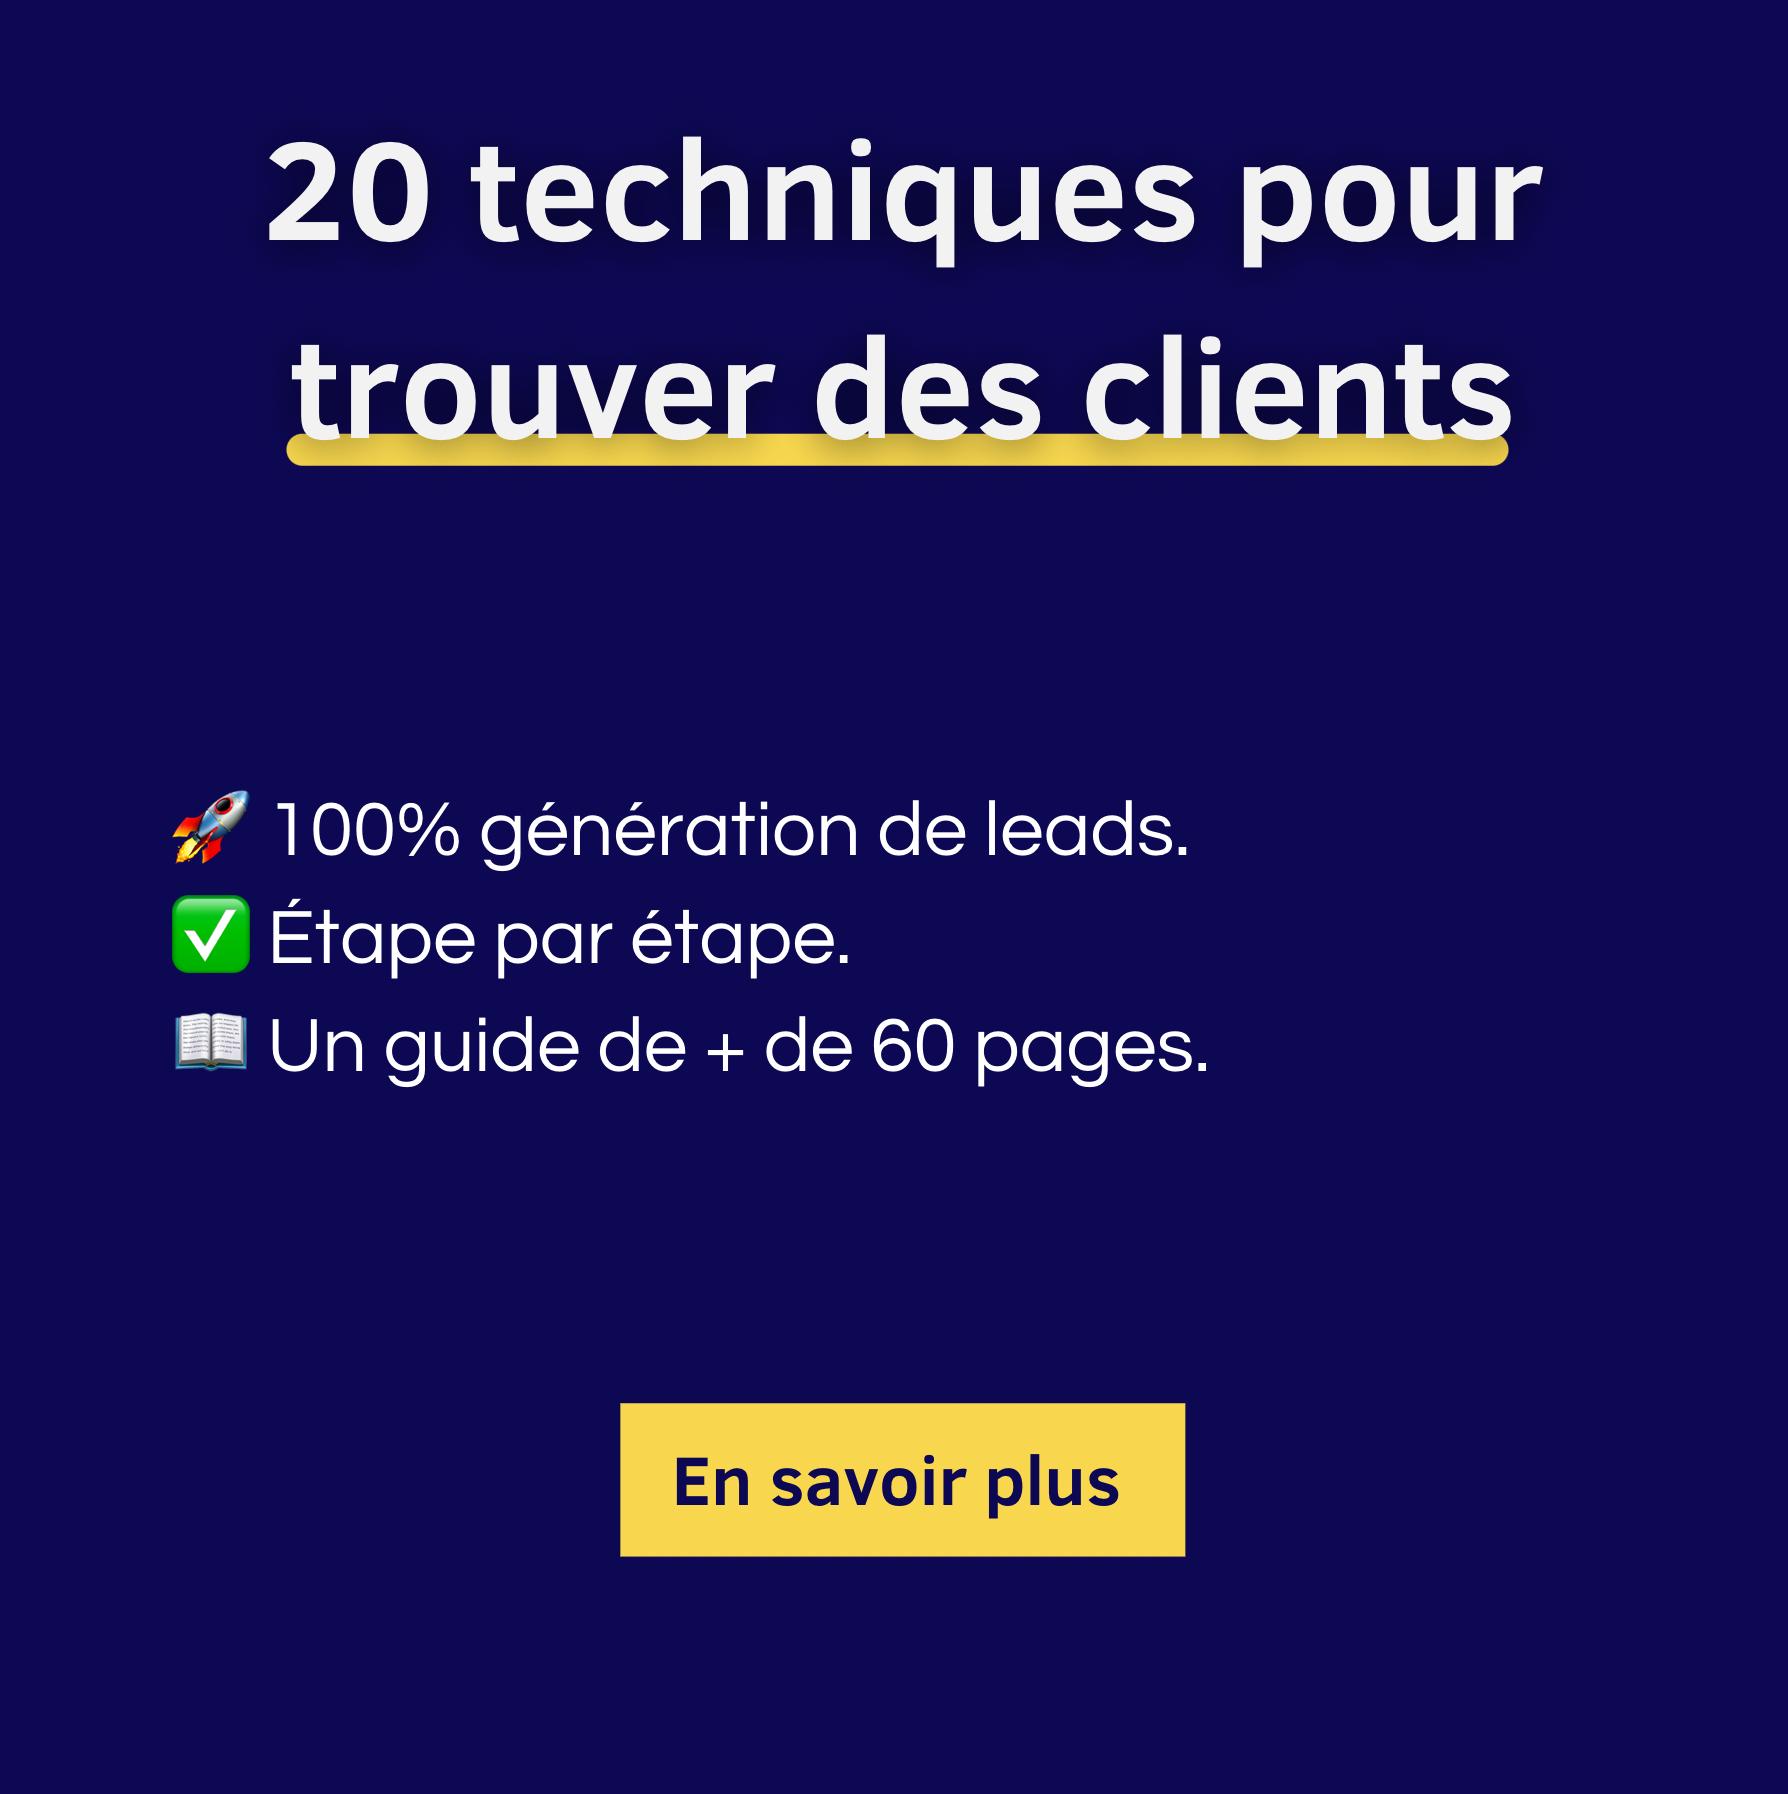 20 techniques pour trouver des clients